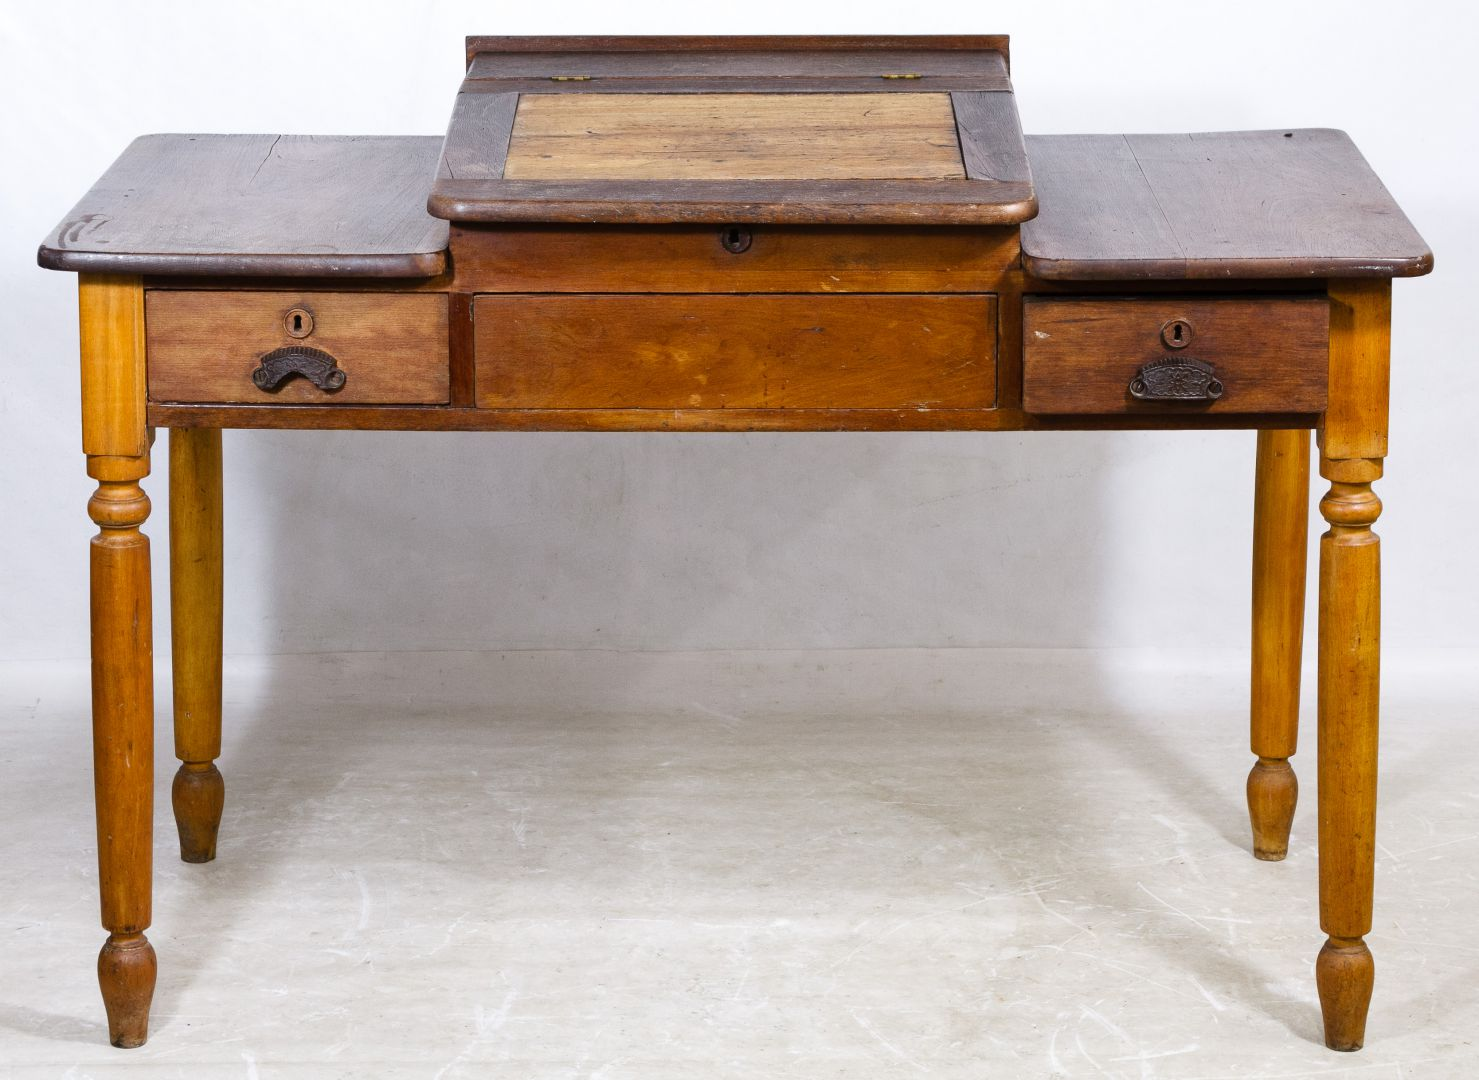 Primitive Maple Railroad Desk - Lot 67: Primitive Maple Railroad Desk Leonard Auction Sale #218